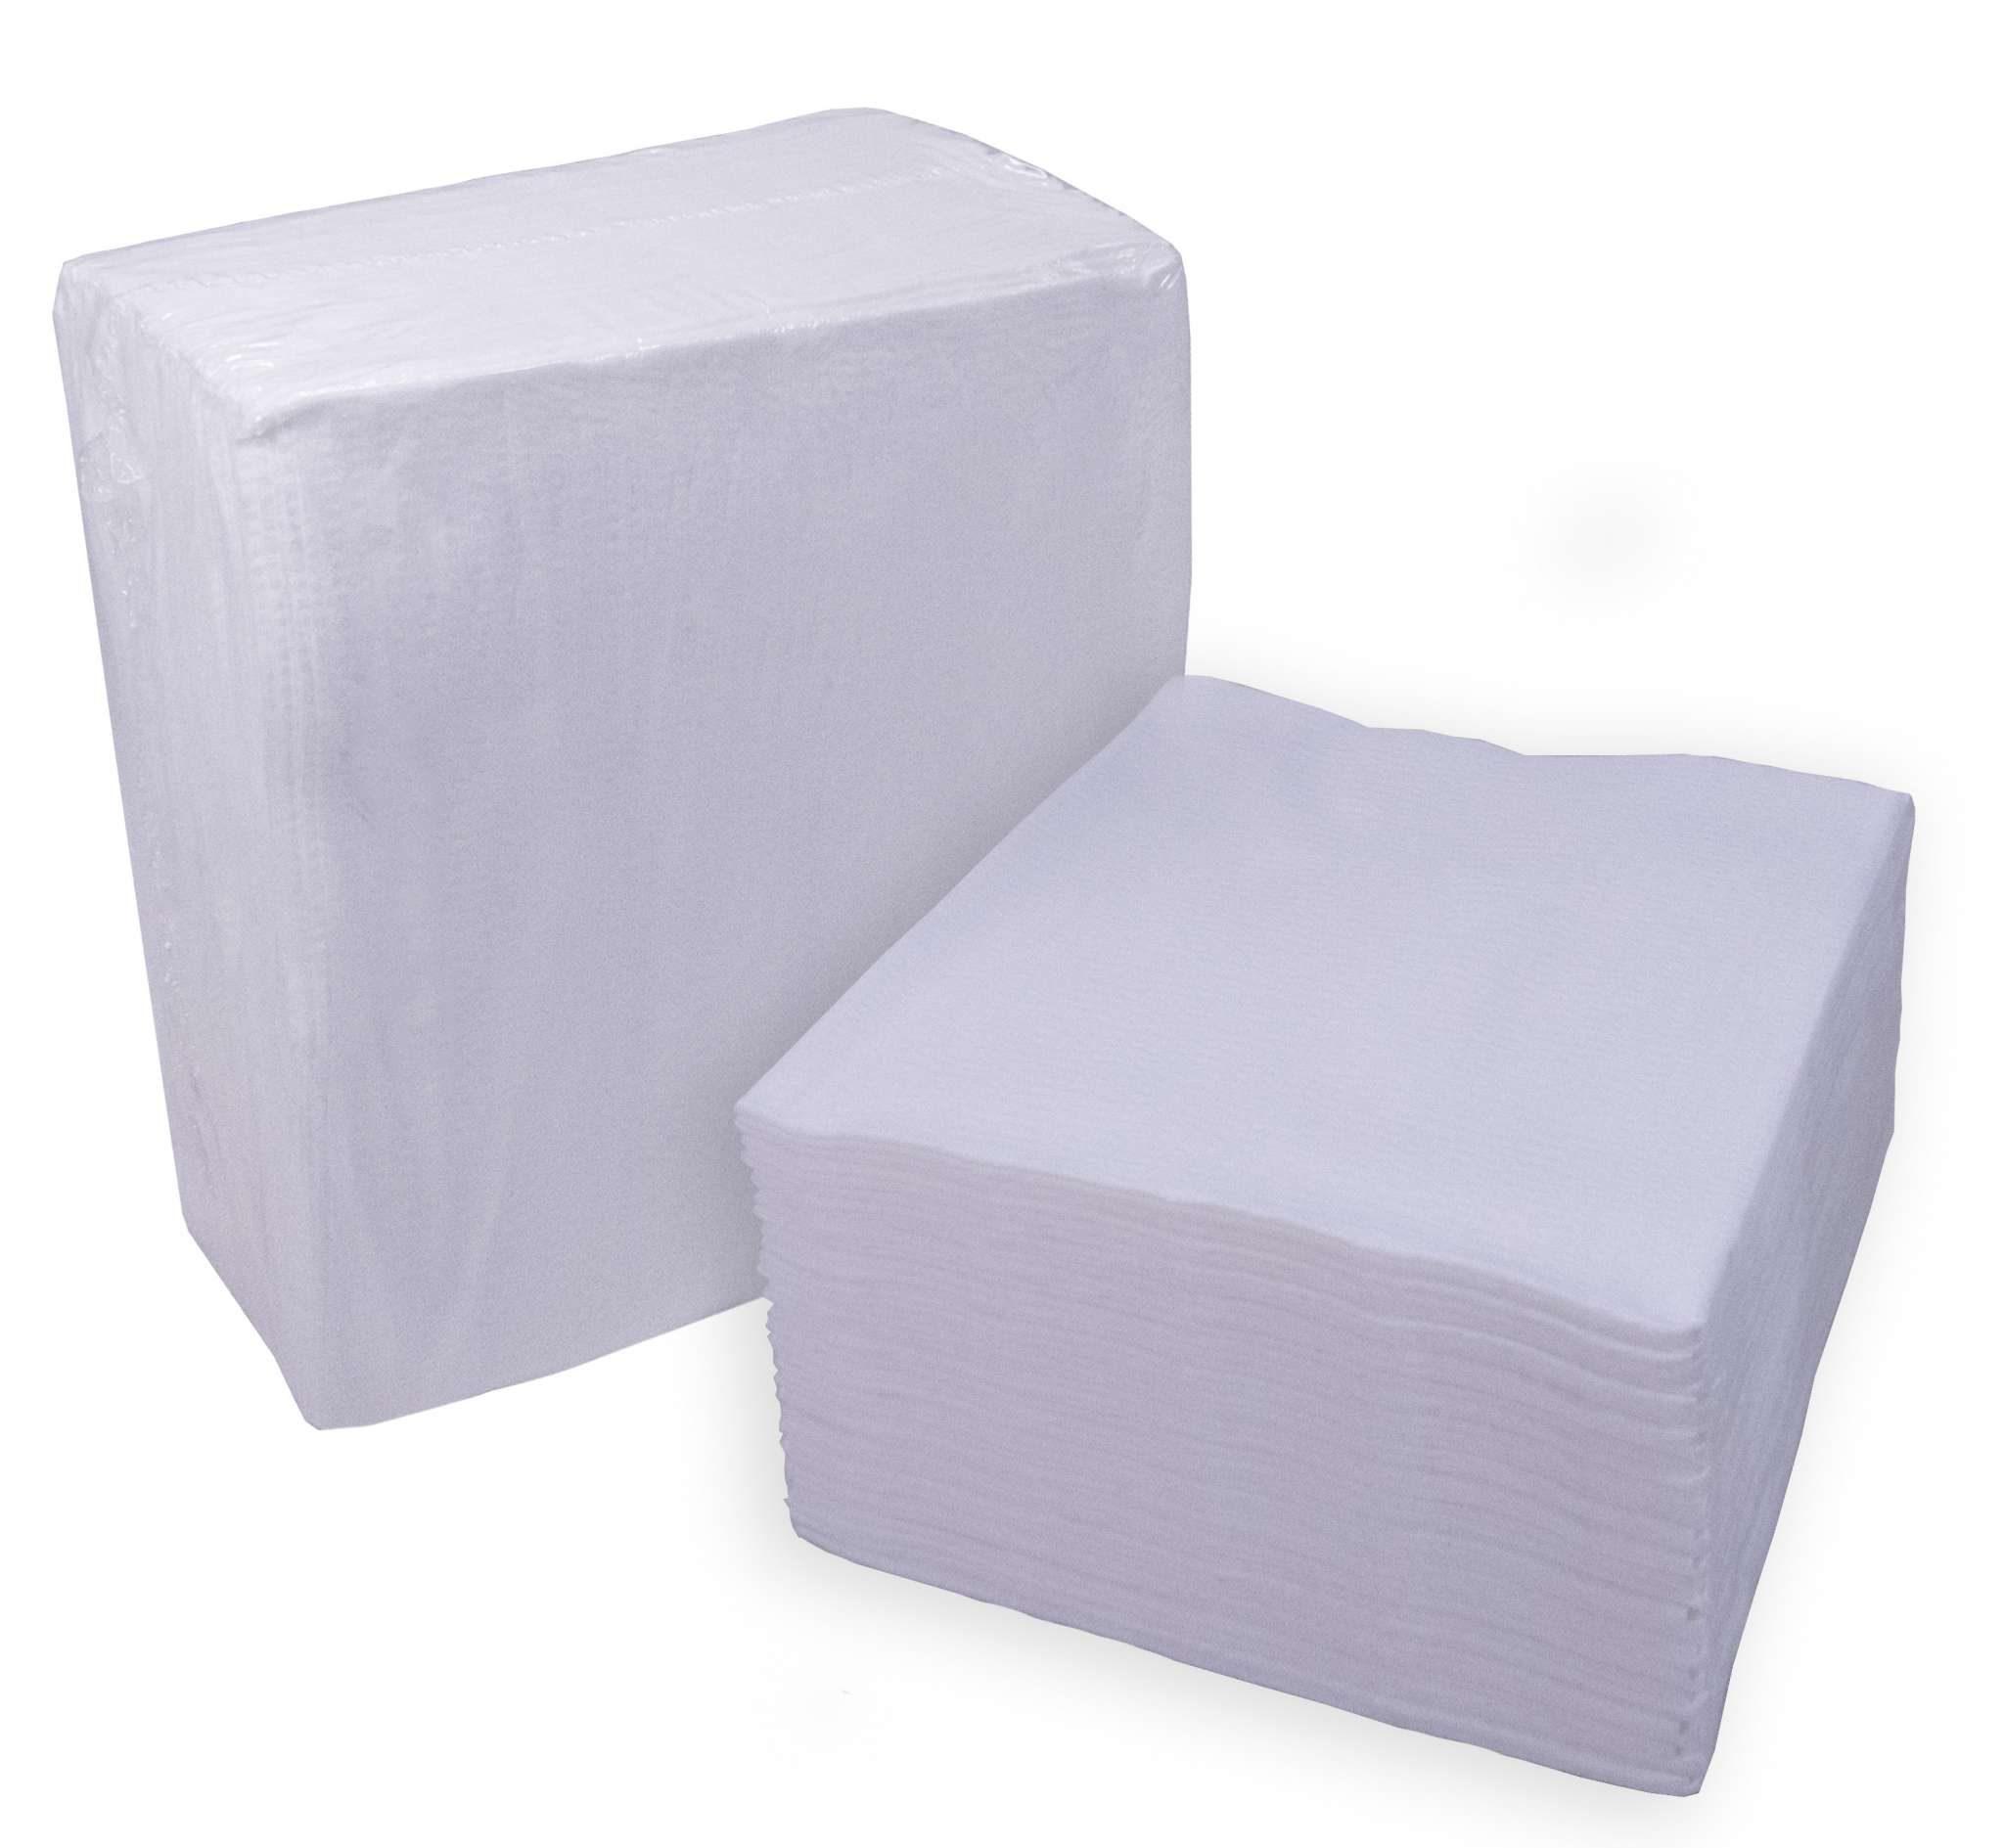 #08380 Sontex™ Inner Packaging